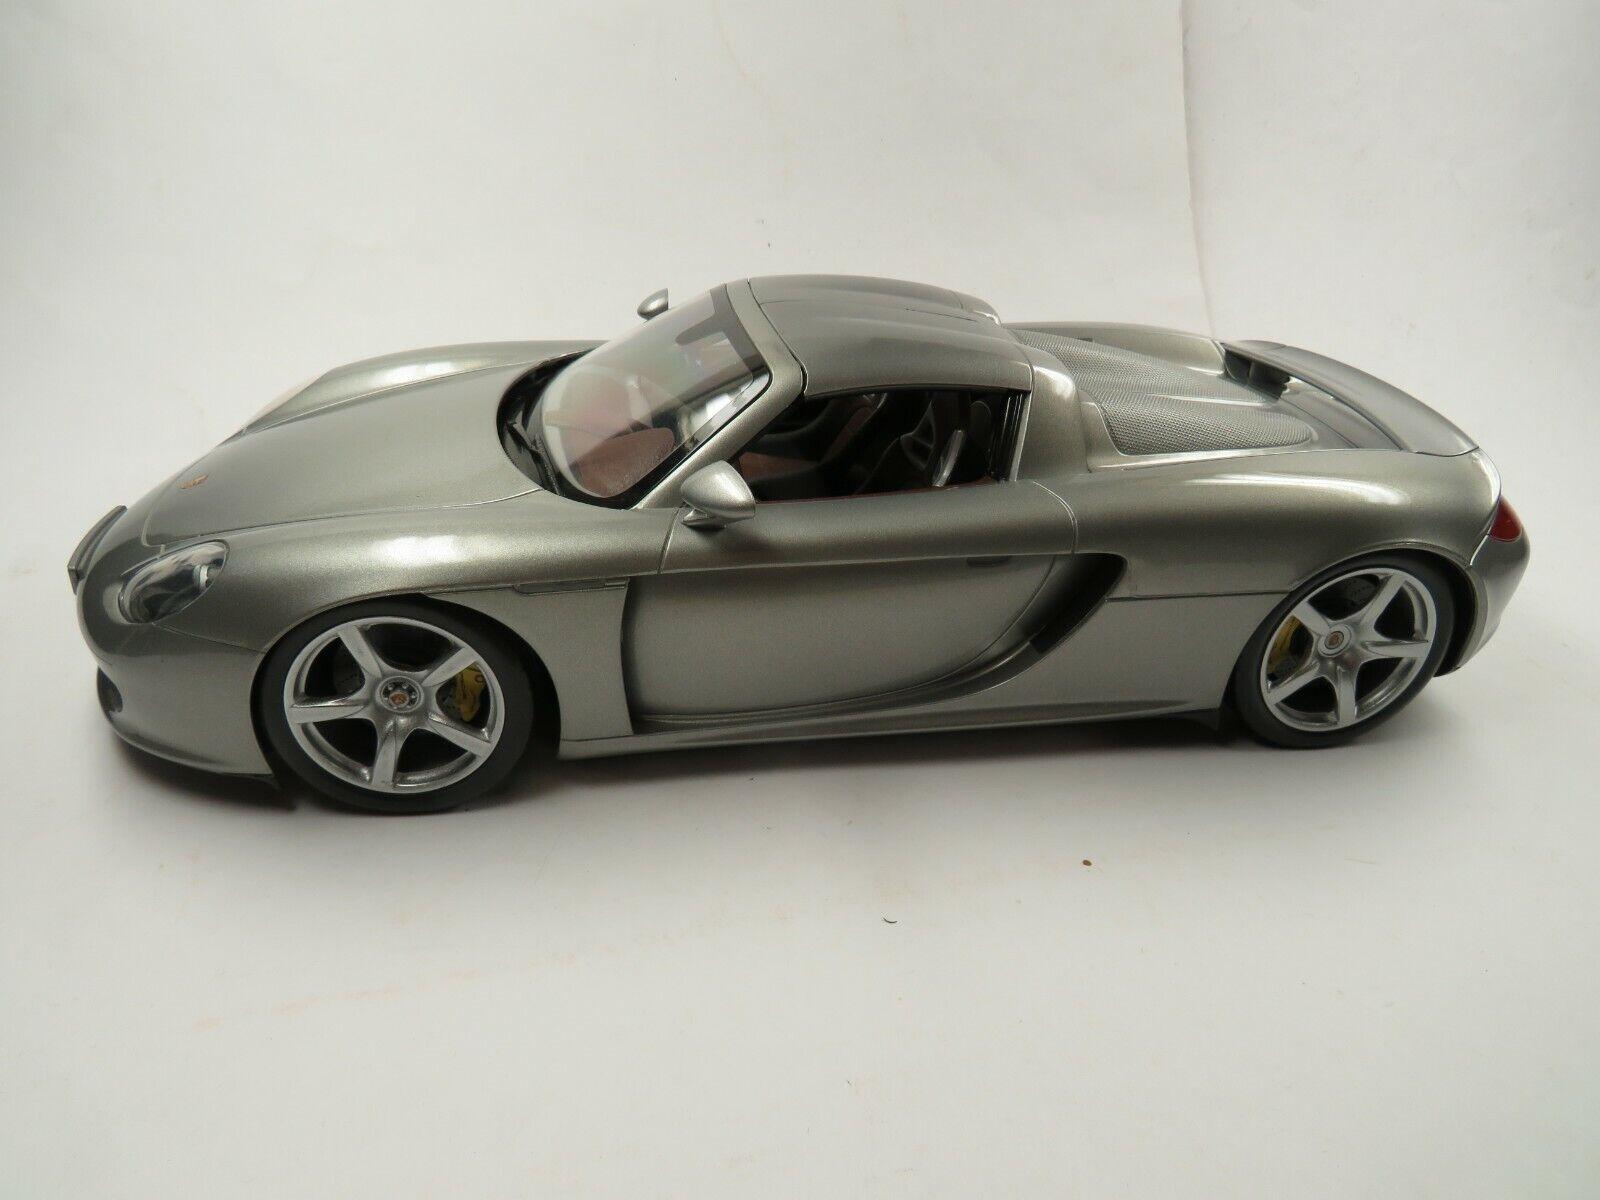 PORSCHE CARRERA GT Modelll 1 12 von Autoson - ist 39 cm gross